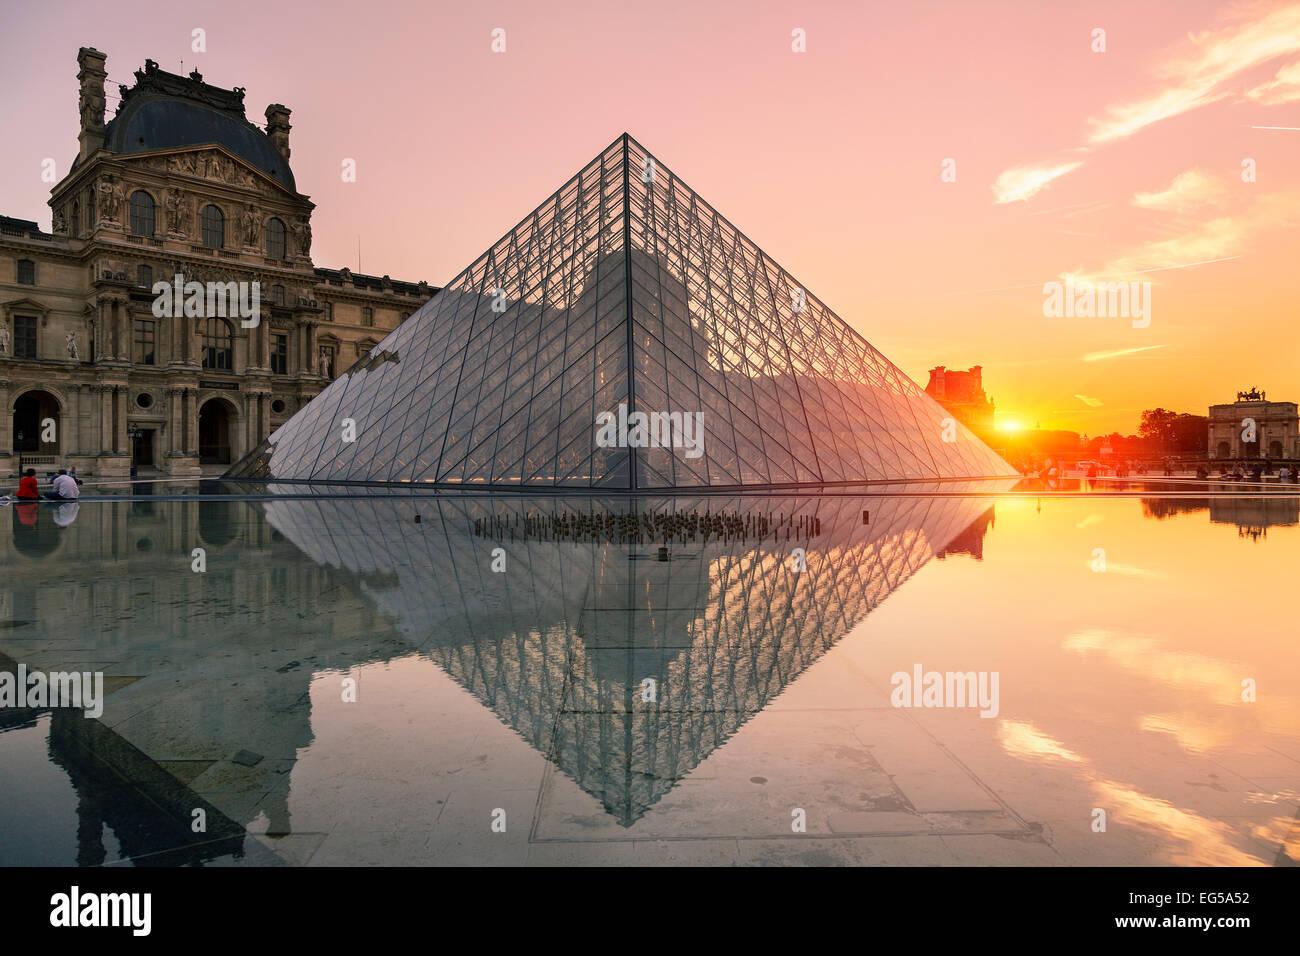 Parigi, la piramide del Louvre al tramonto Immagini Stock